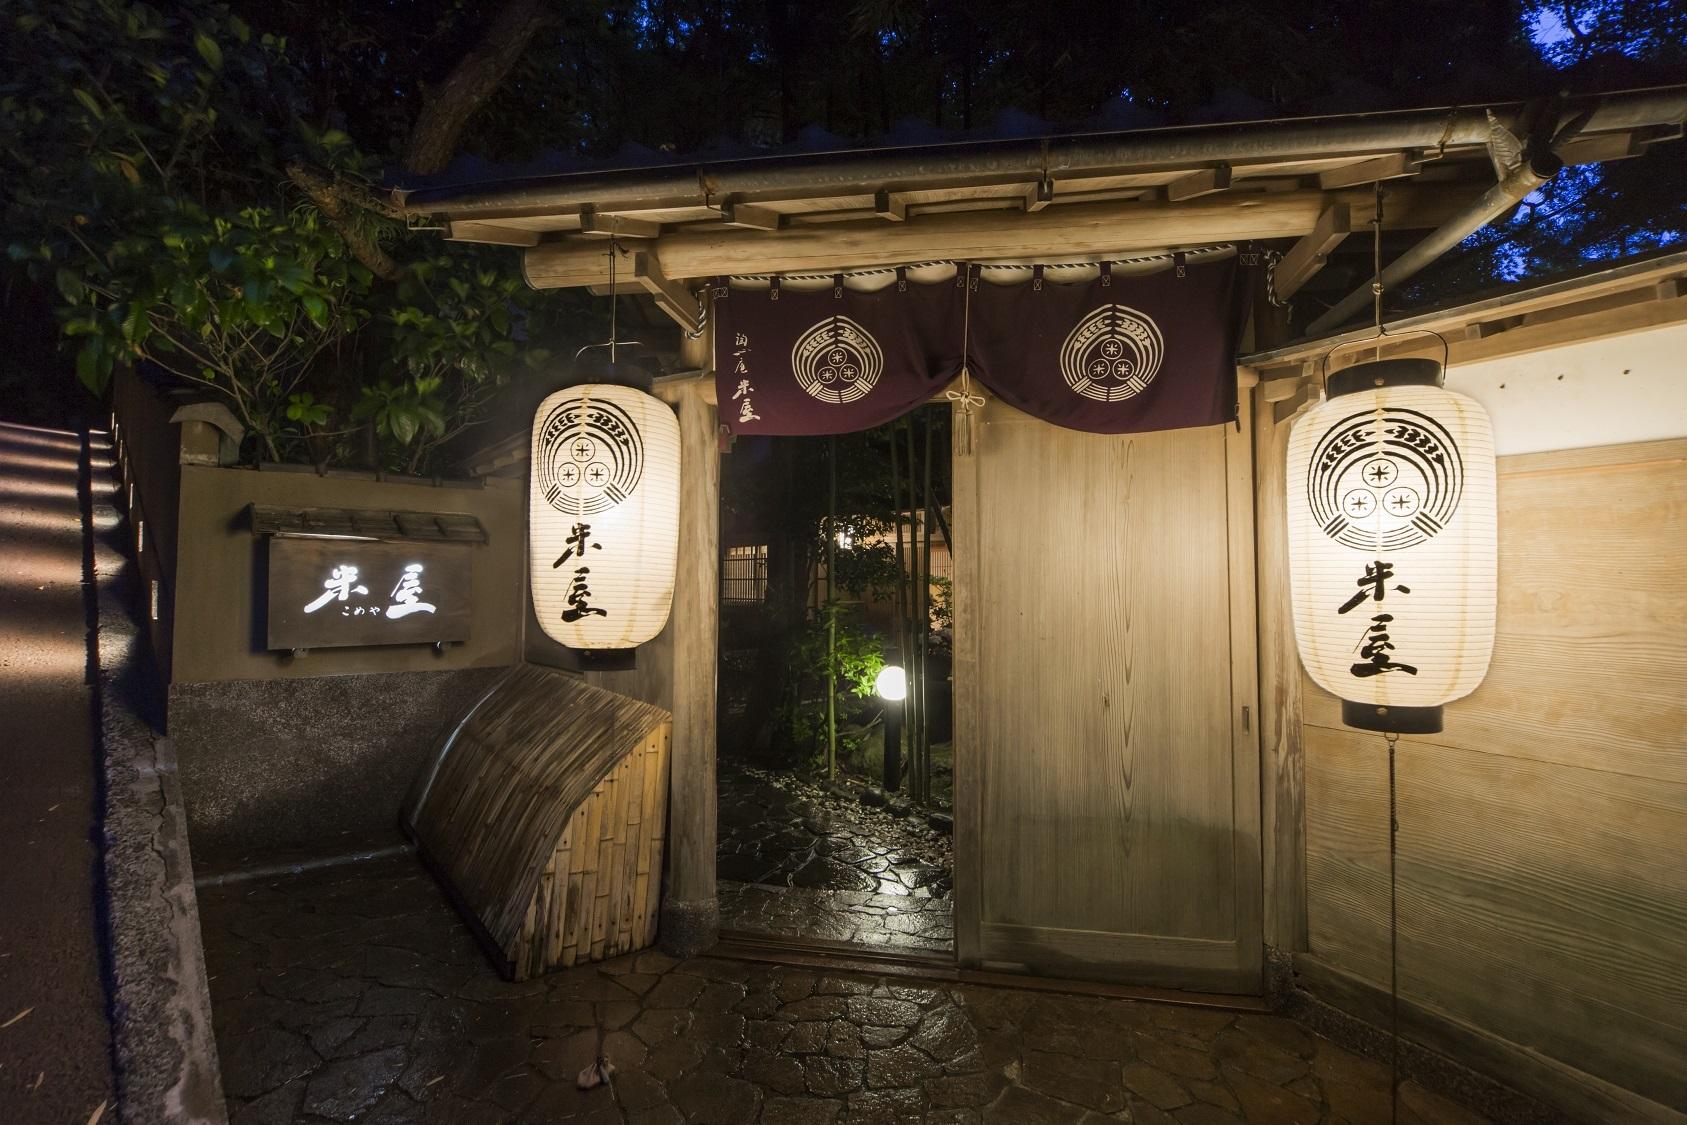 義理の両親が喜ぶような5つ星ランクの伊東温泉にある宿を教えて。